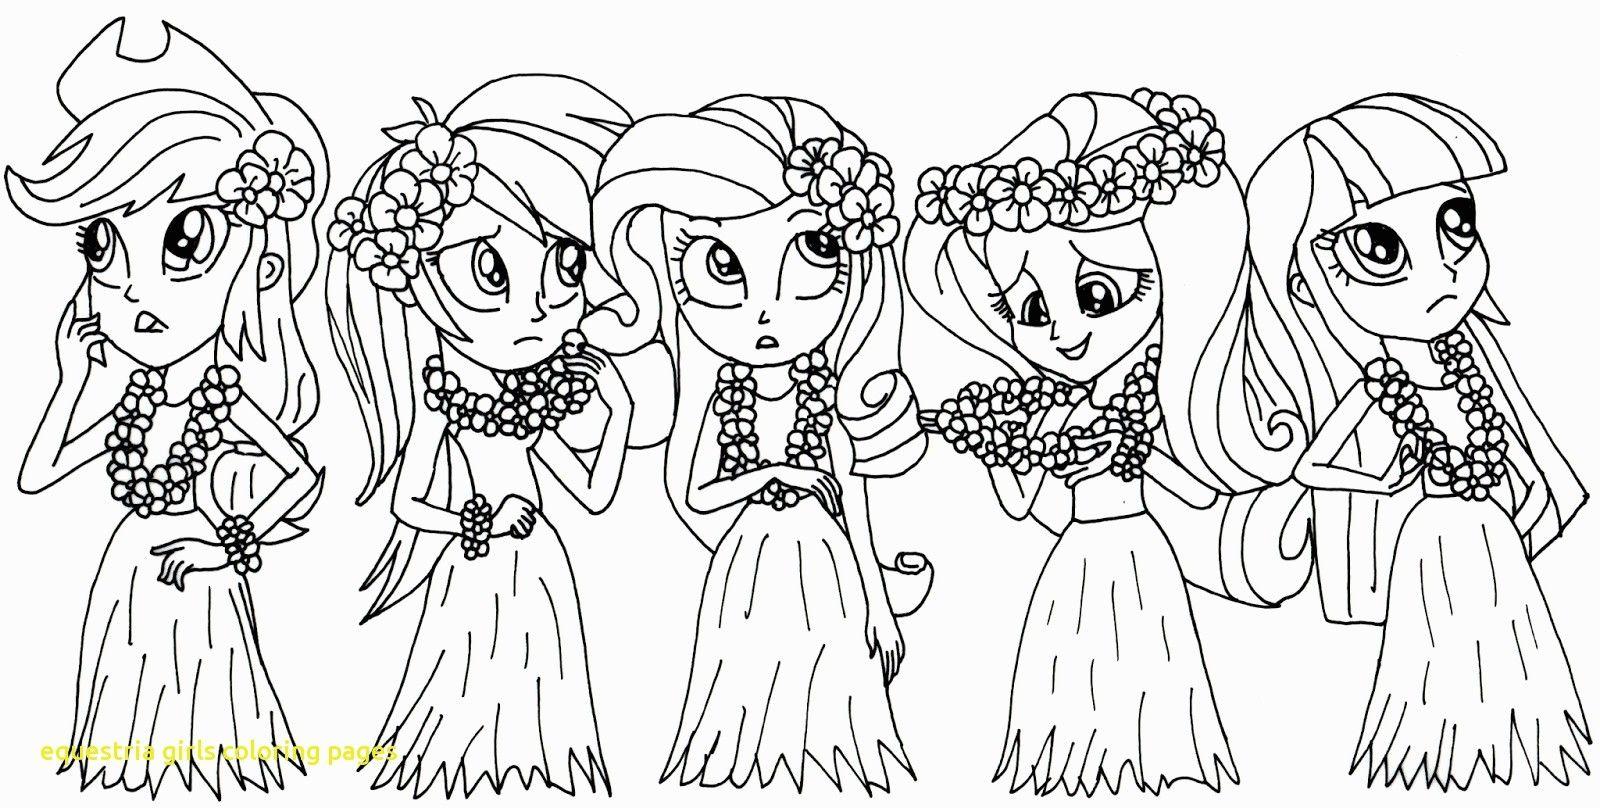 ผลการค นหาร ปภาพสำหร บ ภาพระบายส ม าโพน ตอนเป นคน My Little Pony Coloring Coloring Pages For Girls Cartoon Coloring Pages